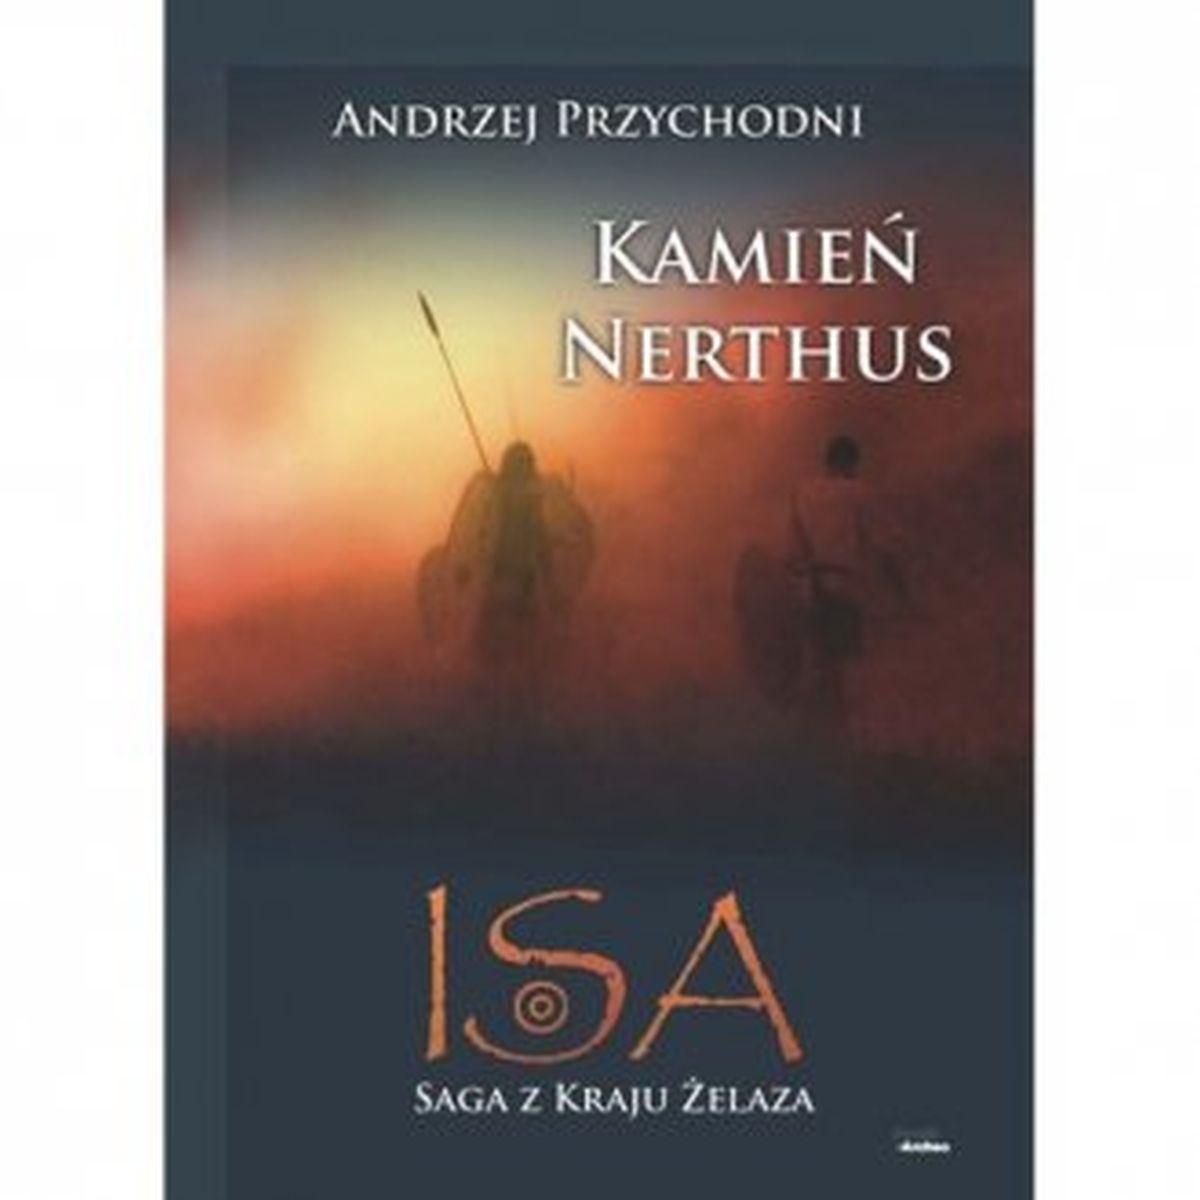 Andrzej Przychodni, Kamień Nerthus